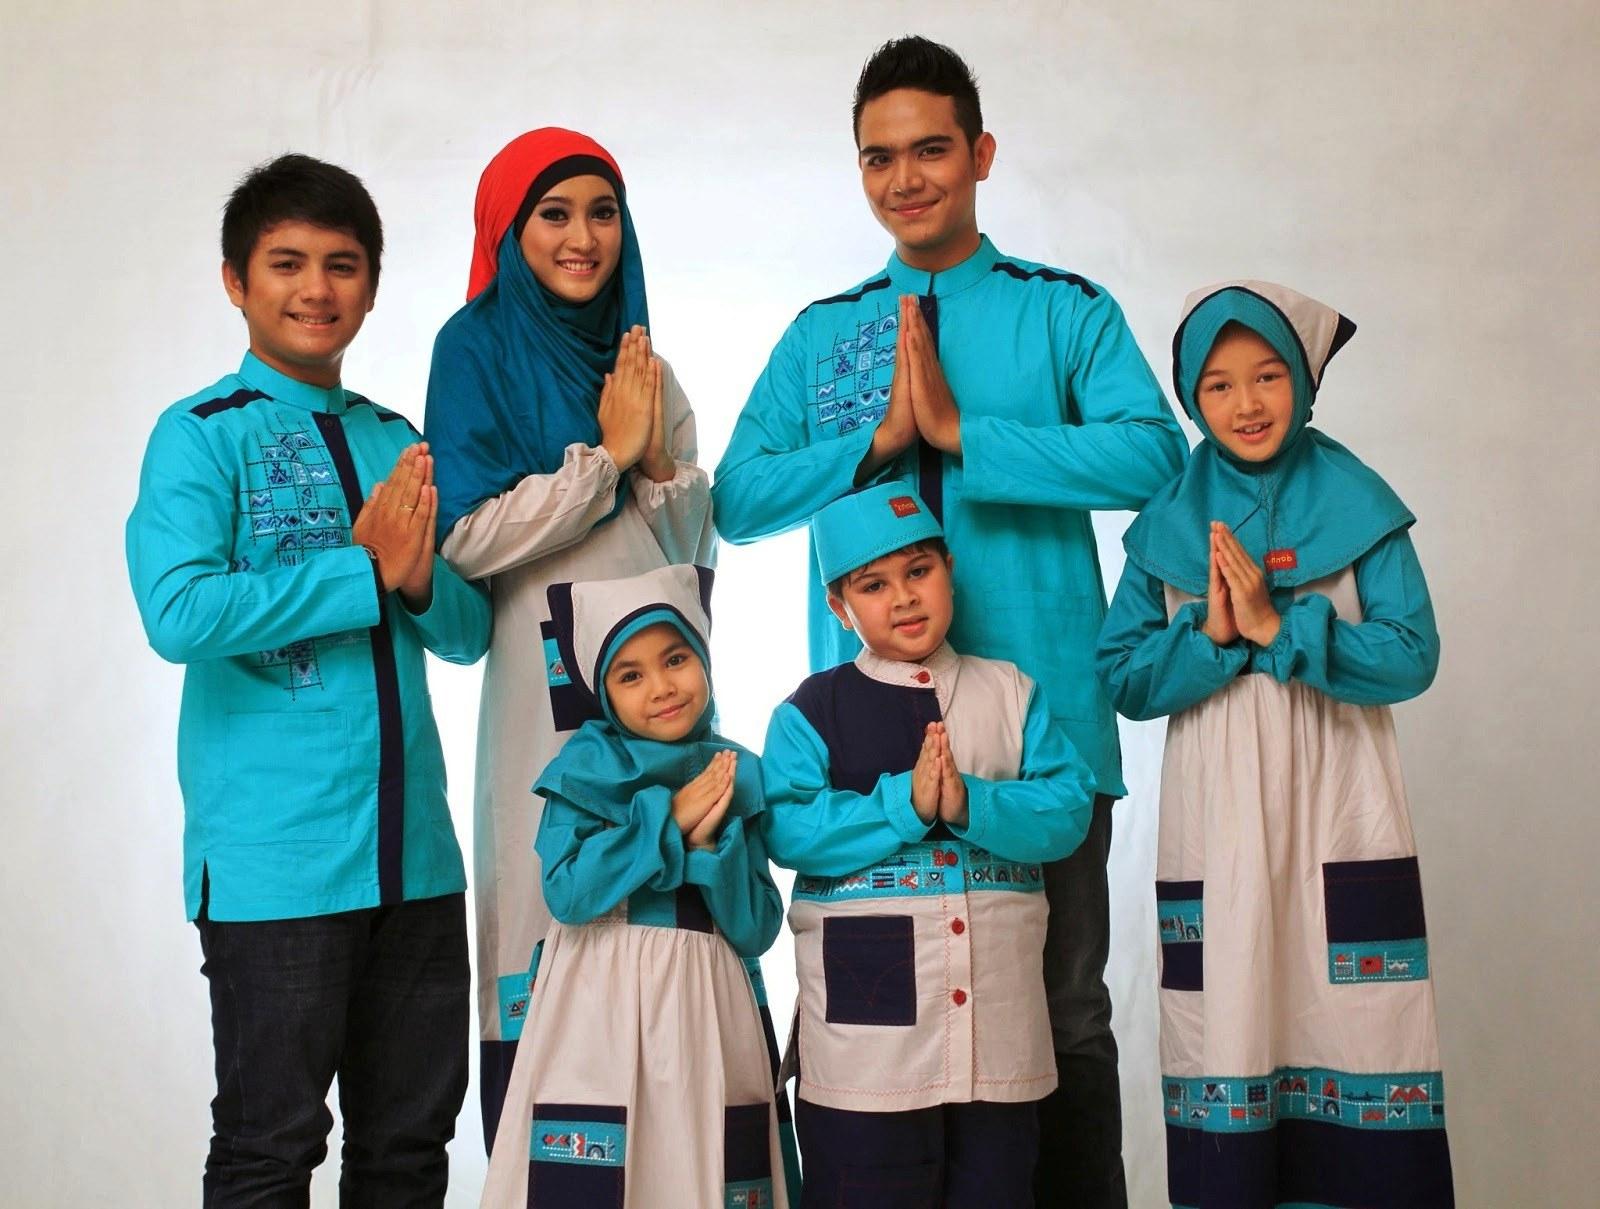 Model Foto Model Baju Lebaran 2018 Mndw Model Baju Muslim Gamis Modern Terbaru 2018 Untuk Lebaran